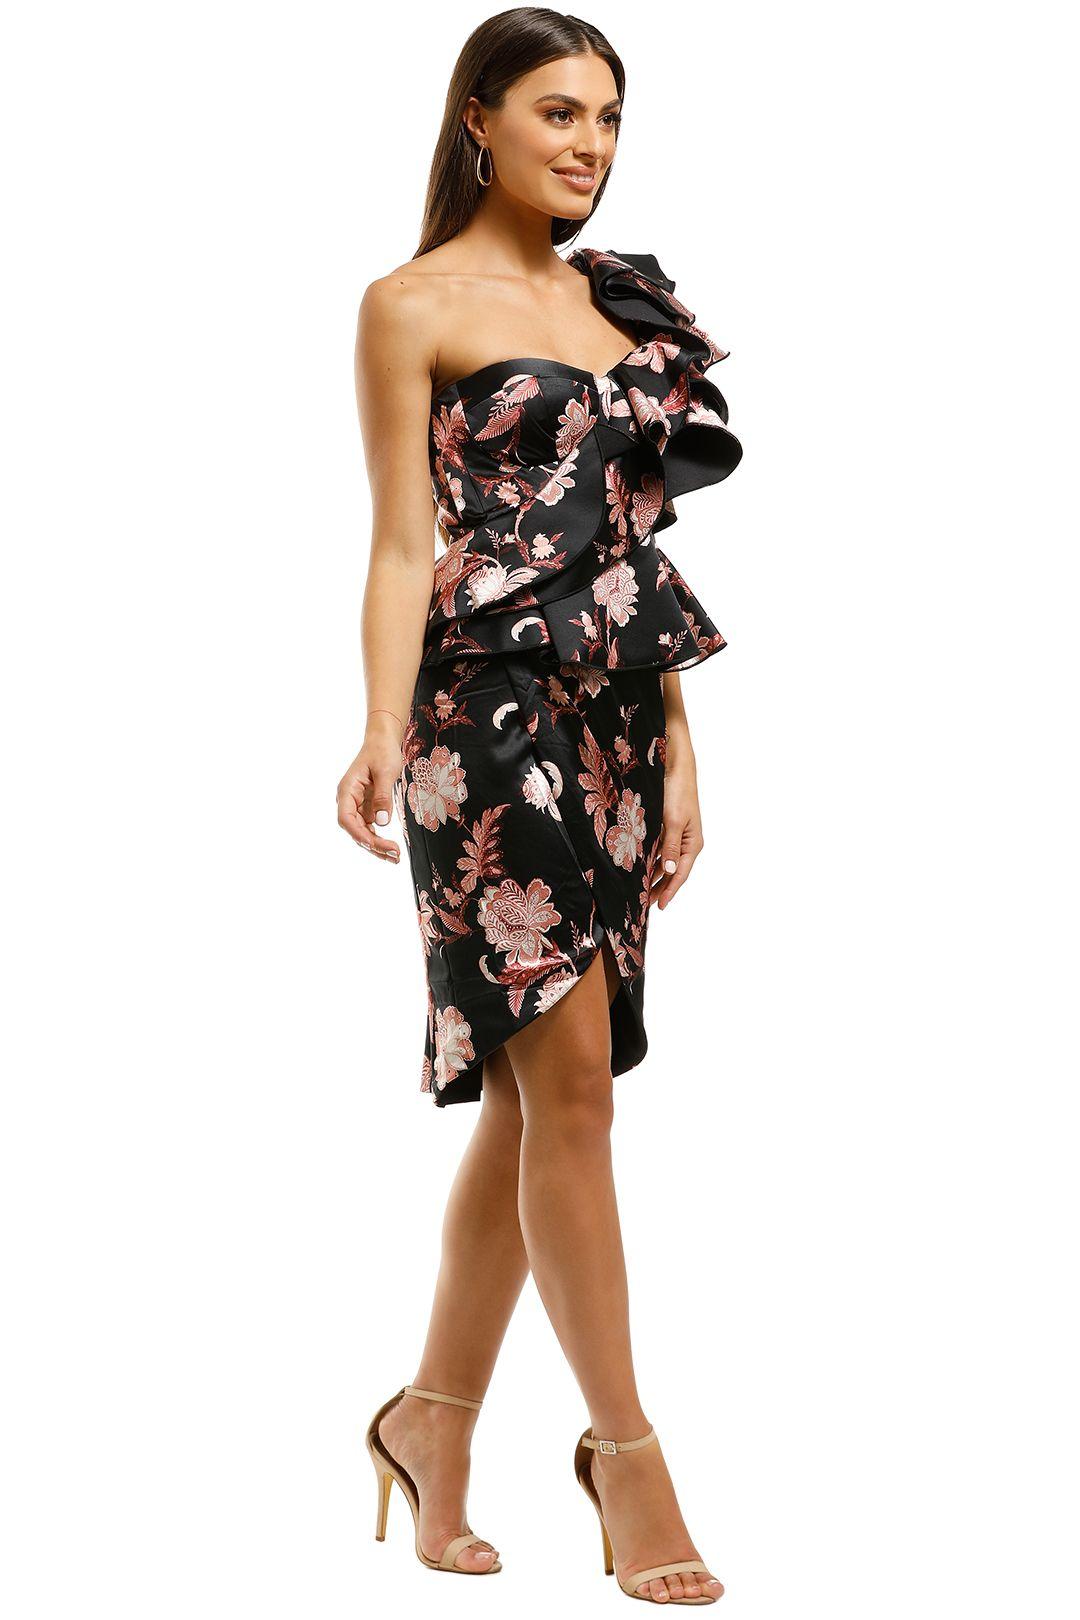 Thurley-Folklore-Print-One-Shoulder-Dress-Black-Side